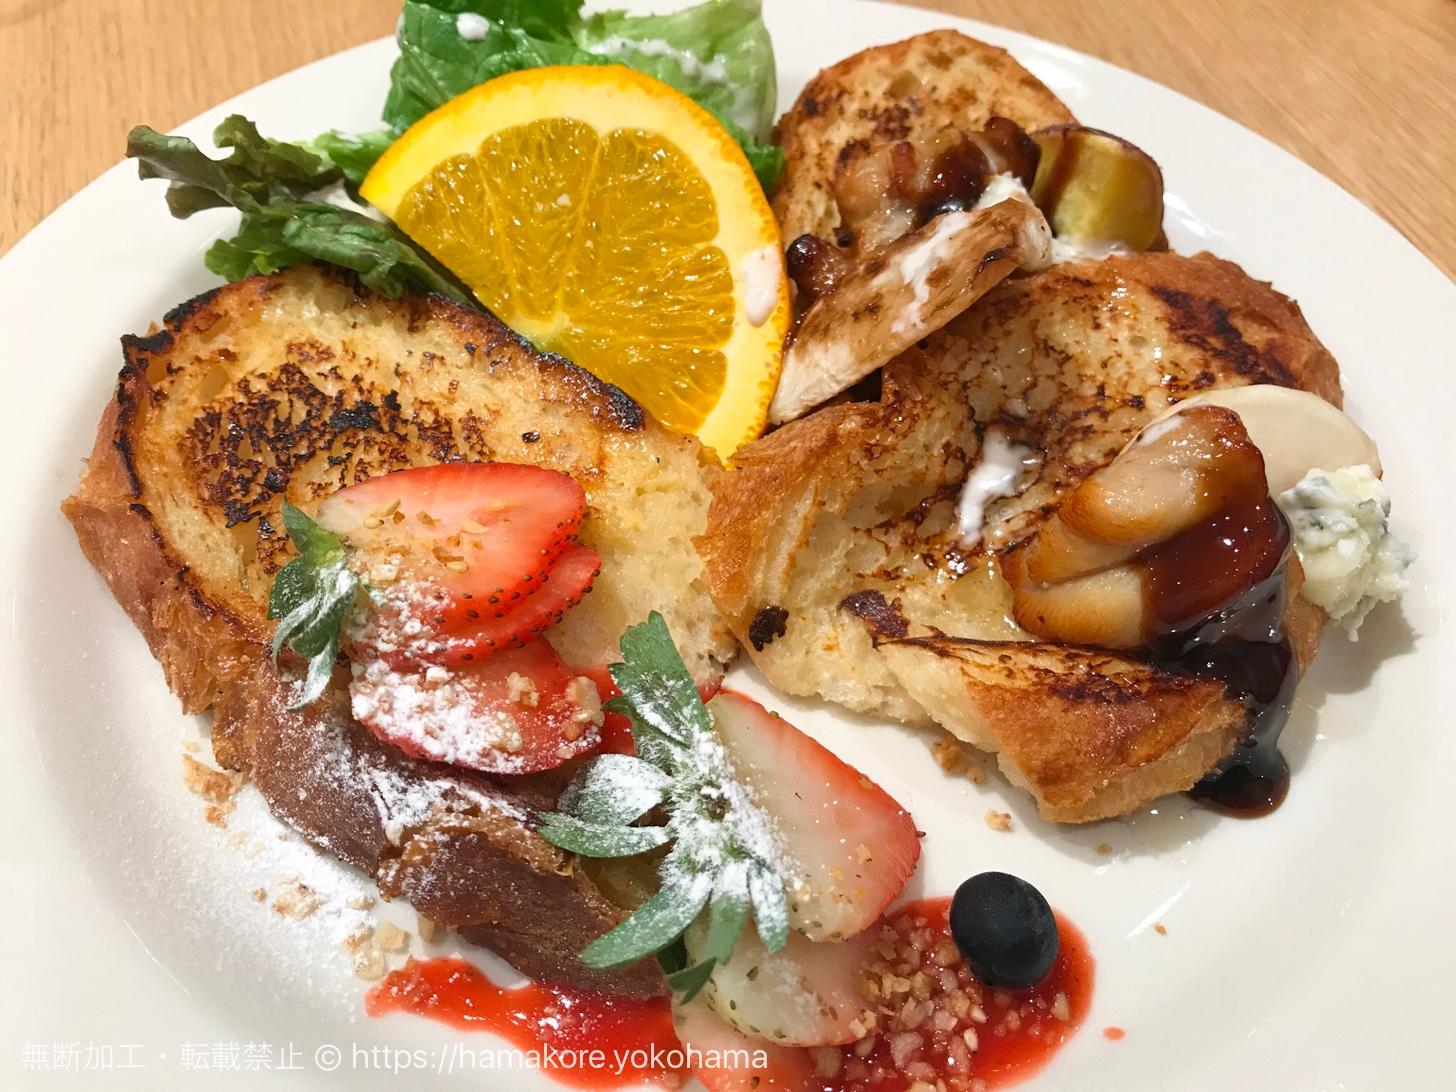 ルミネ横浜「アフタヌーンティー・ラブアンドテーブル」でカンパーニュフレンチトーストを食べてきた!